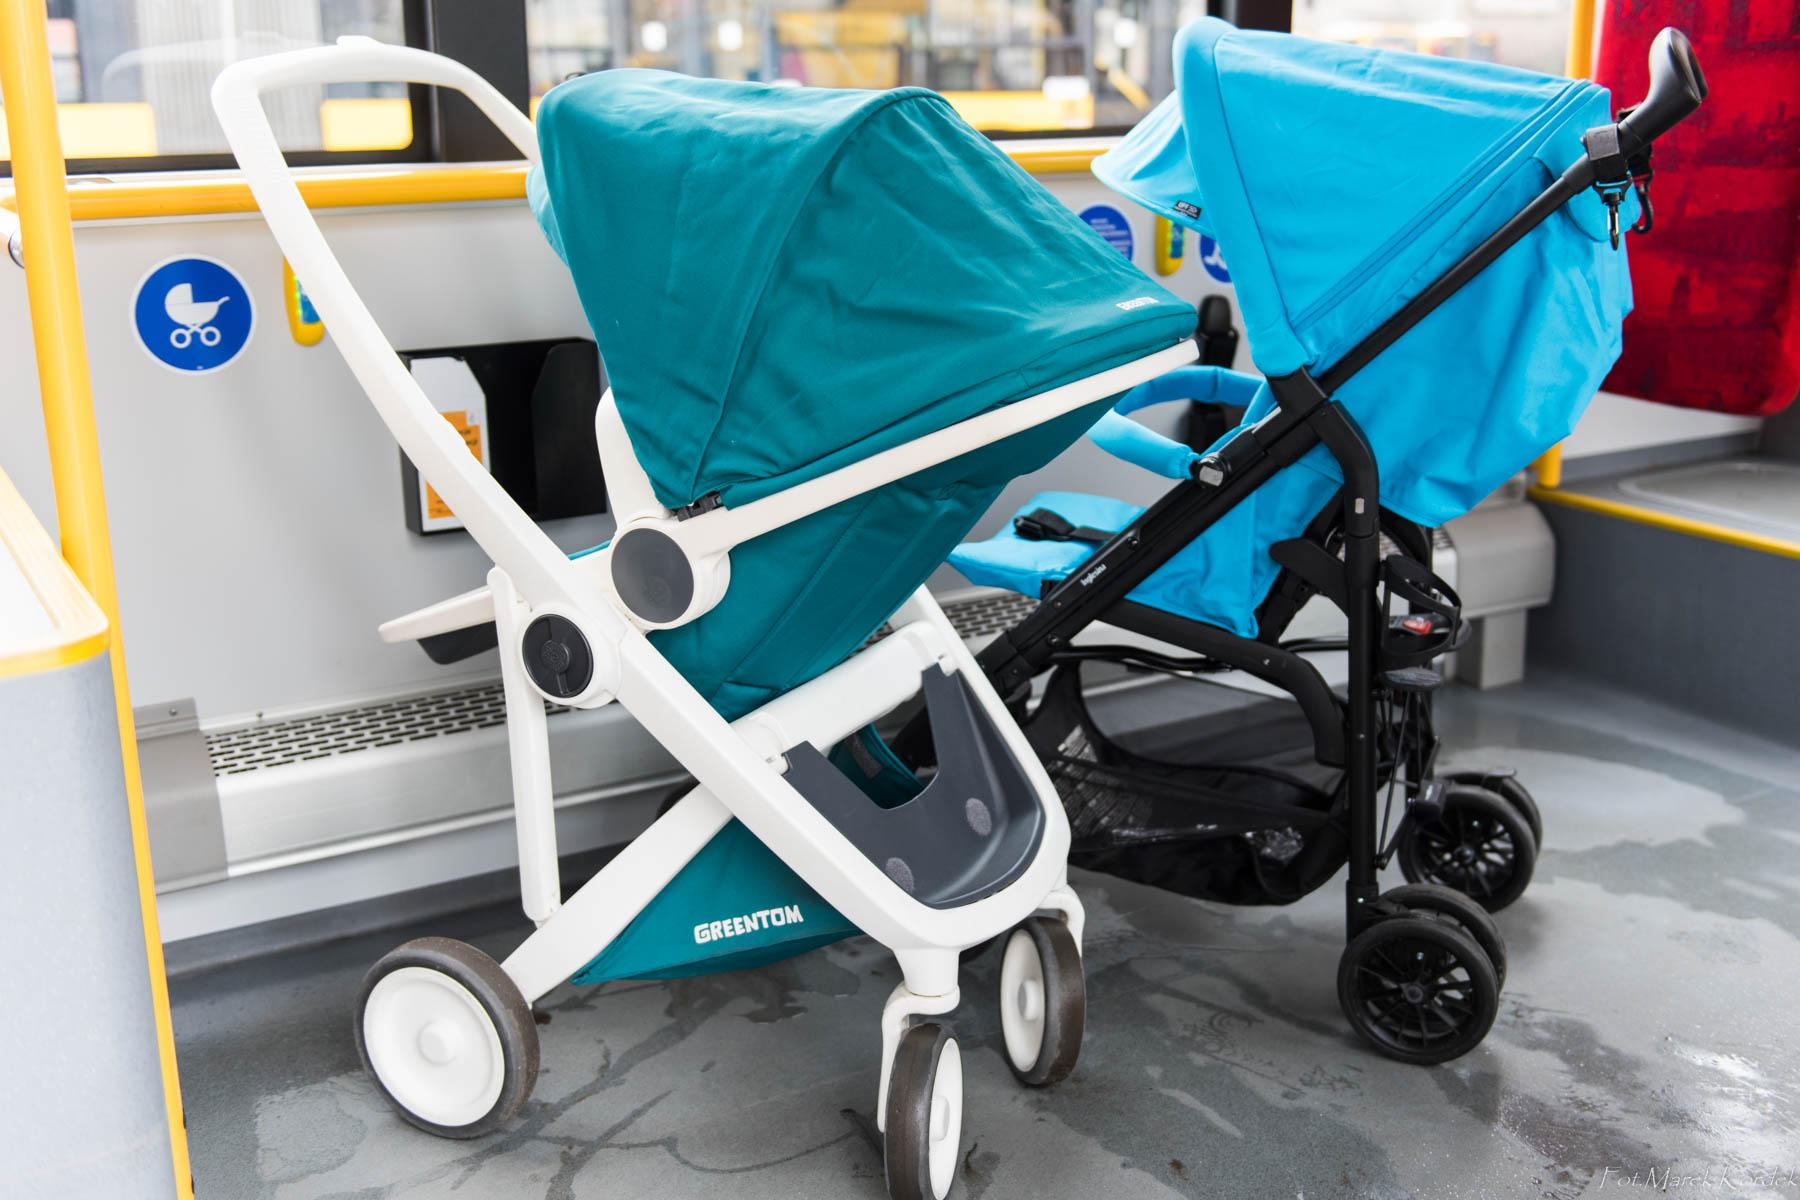 Jak bezpiecznie przewozić dziecko w komunikacji miejskiej wózki bokiem do kierunku jazdy